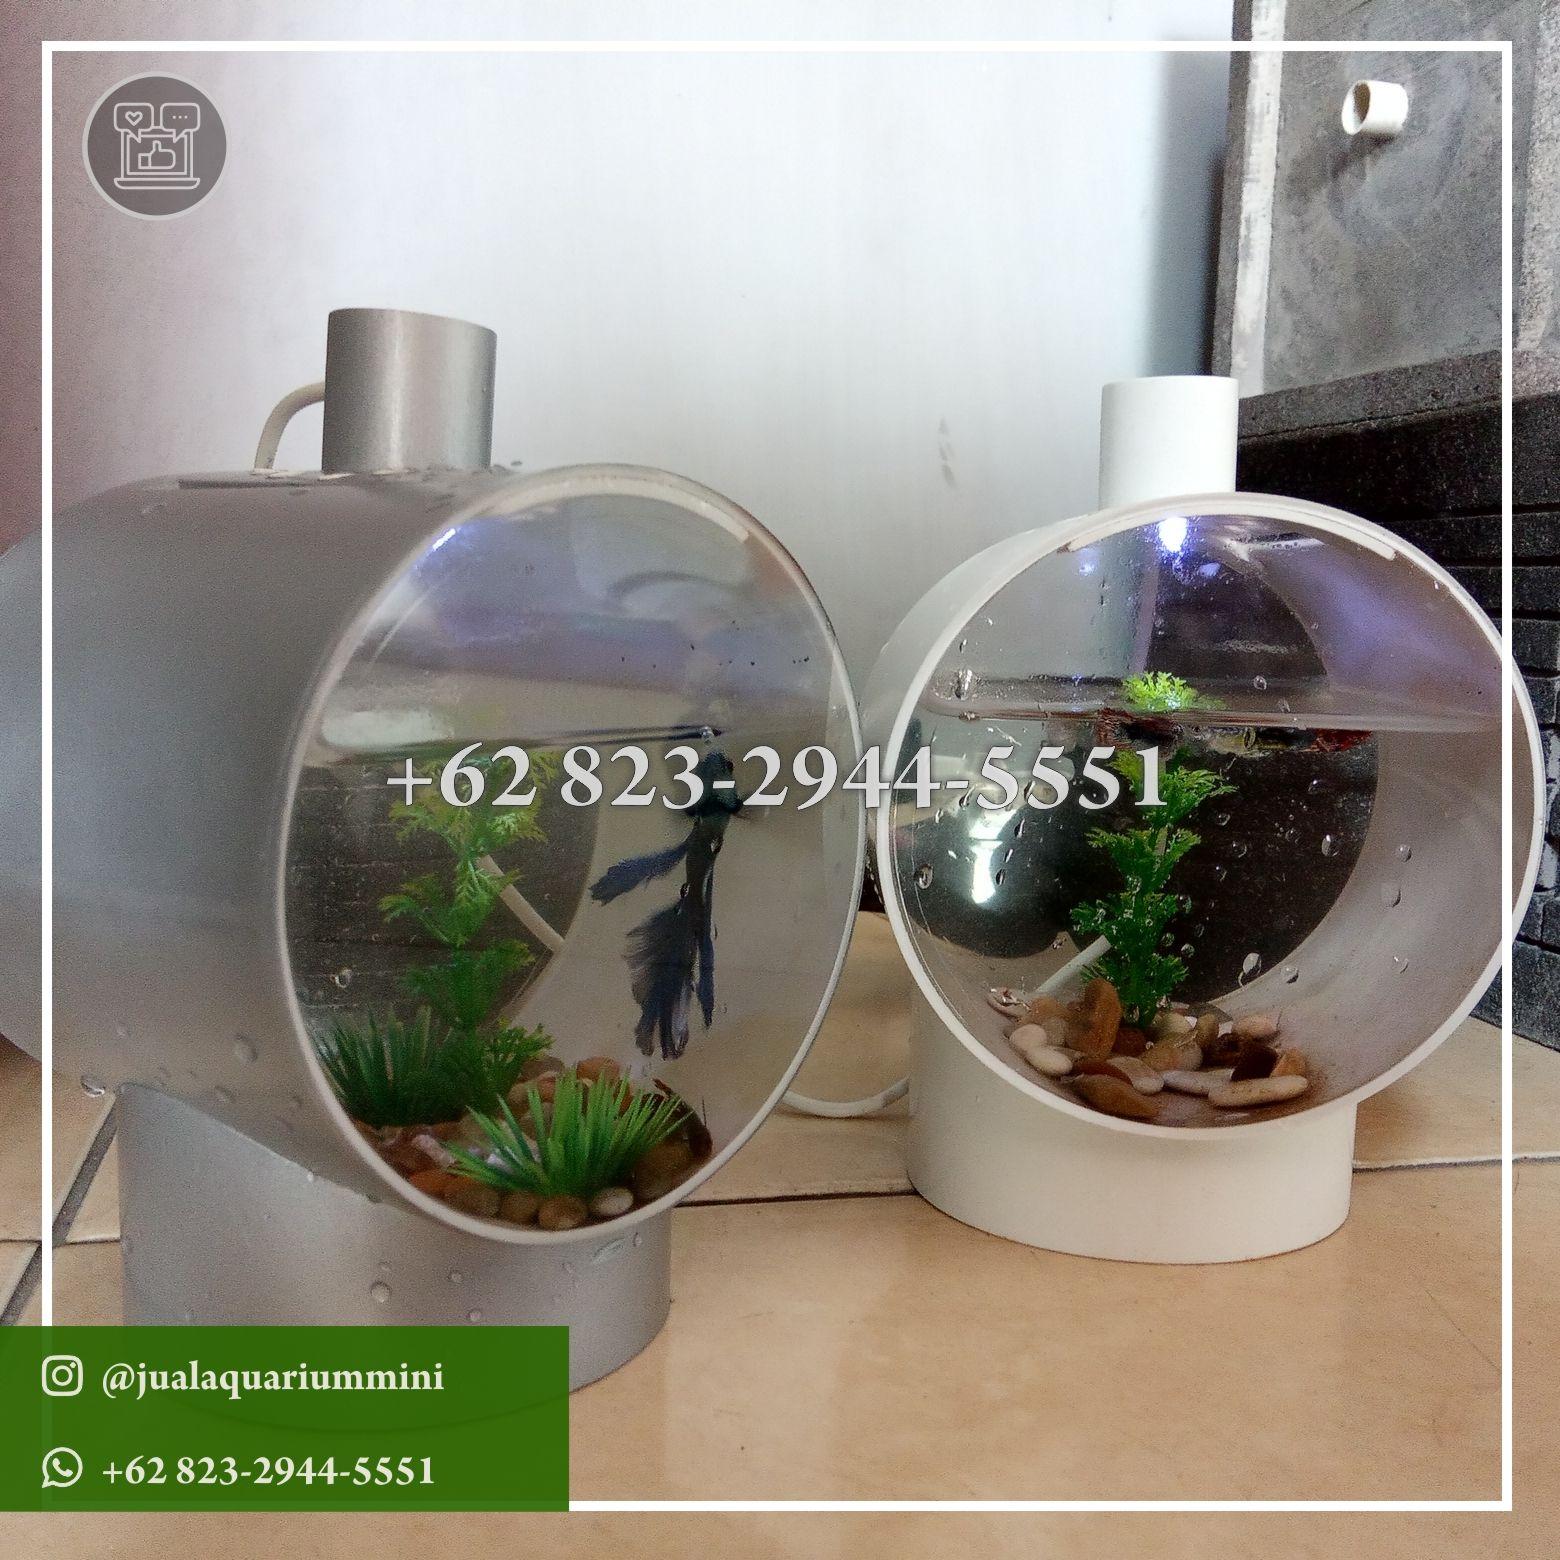 Wa 62 823 2944 5551 Toko Jual Ikan Cupang Hias Aquarium Mini Tangerang Banten In 2020 Mini Aquarium Aquarium Instagram